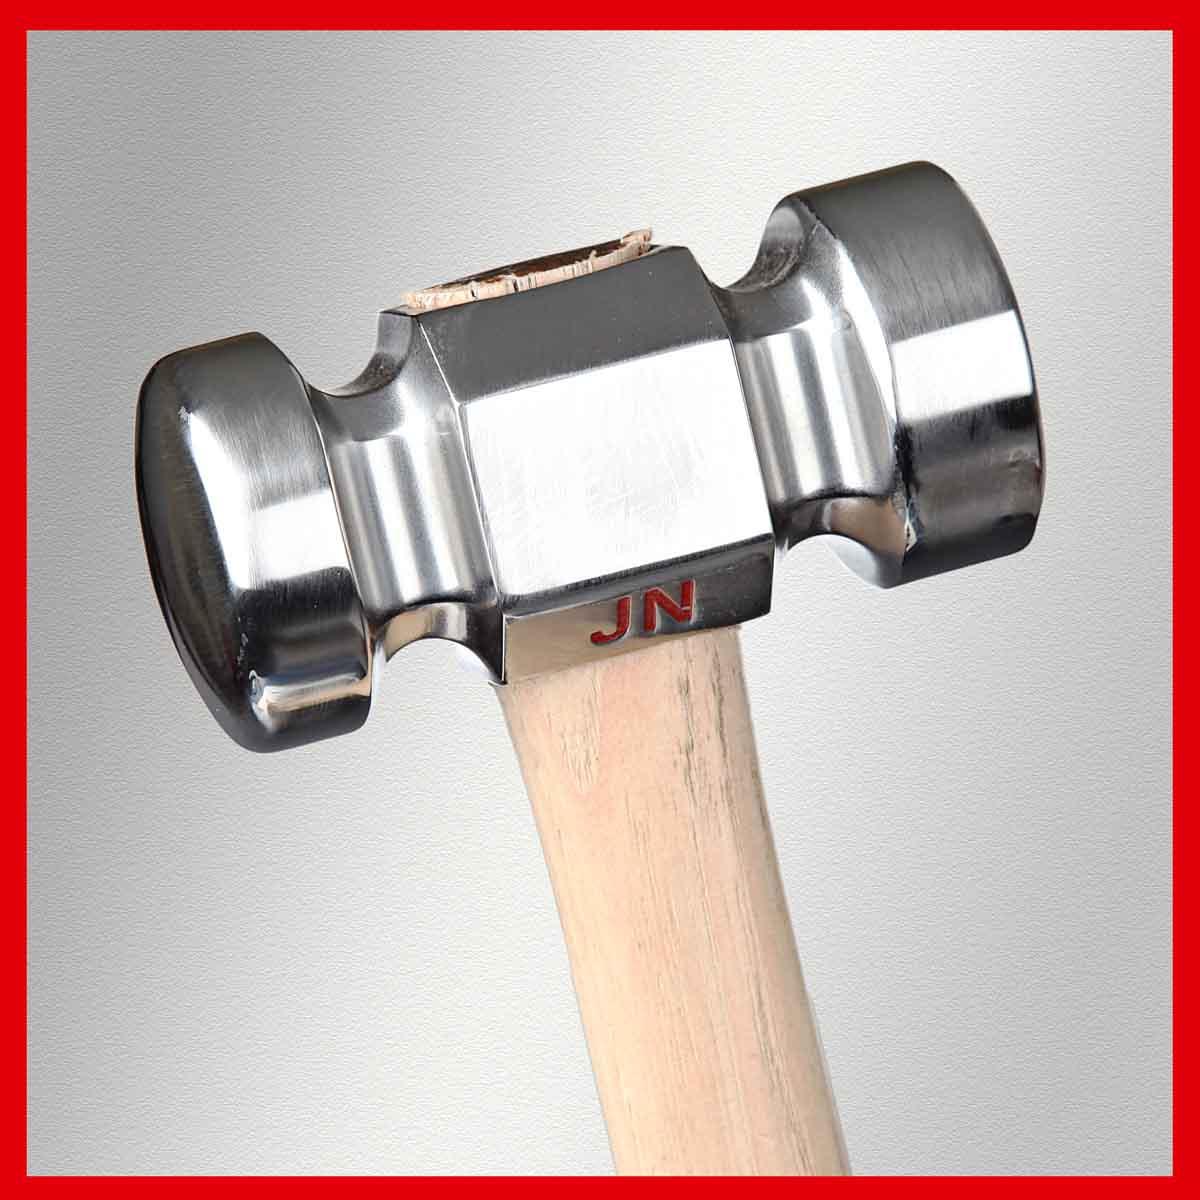 Jon Nunn Turning Hammers